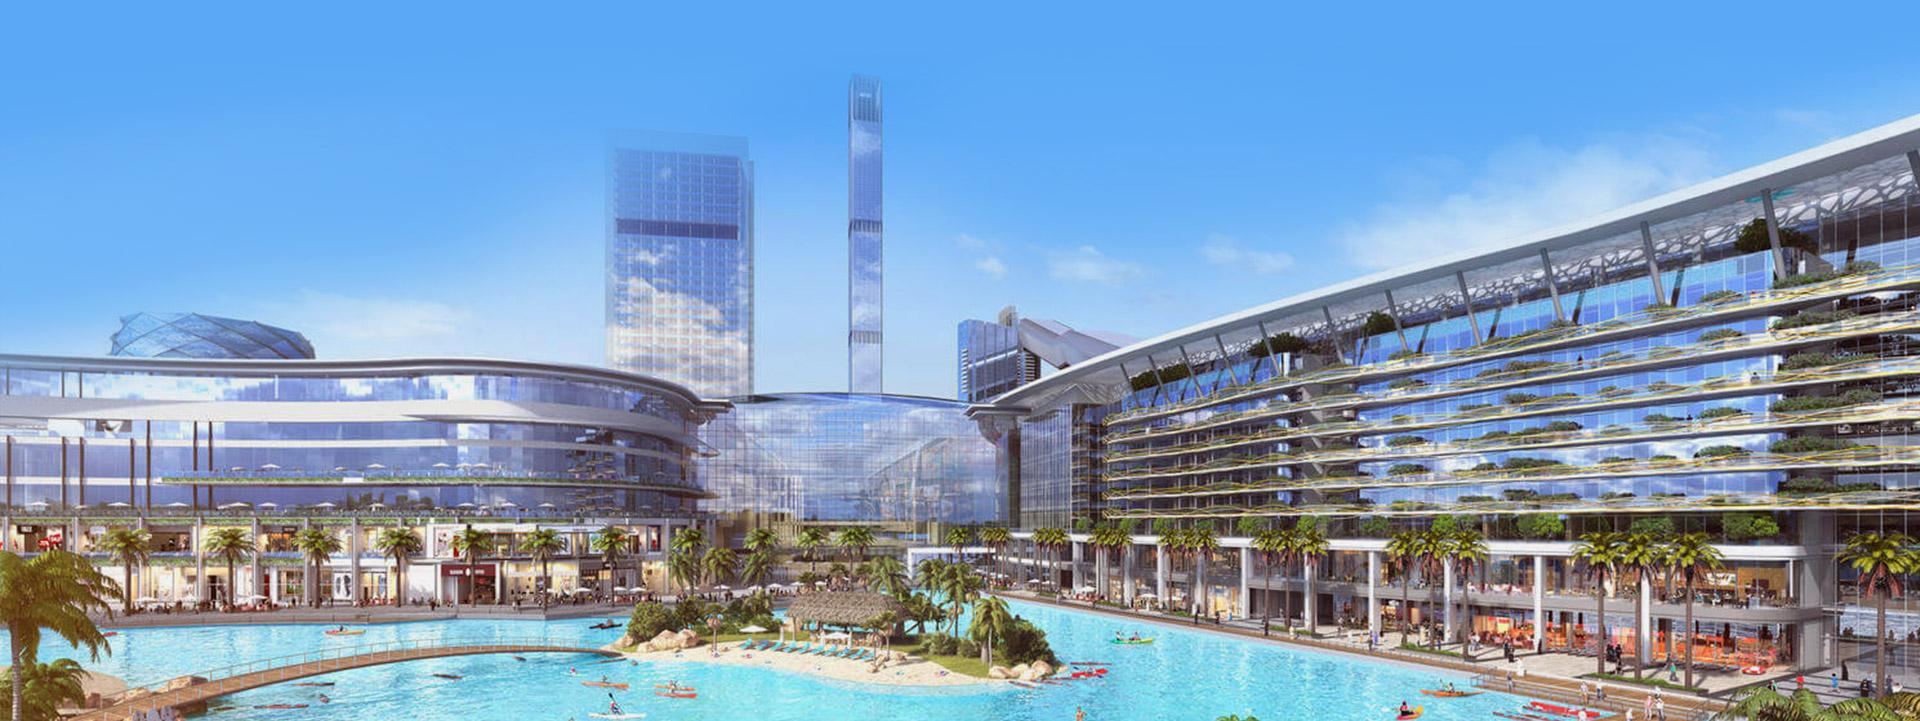 The Meydan One Mall, MBR City, Dubai